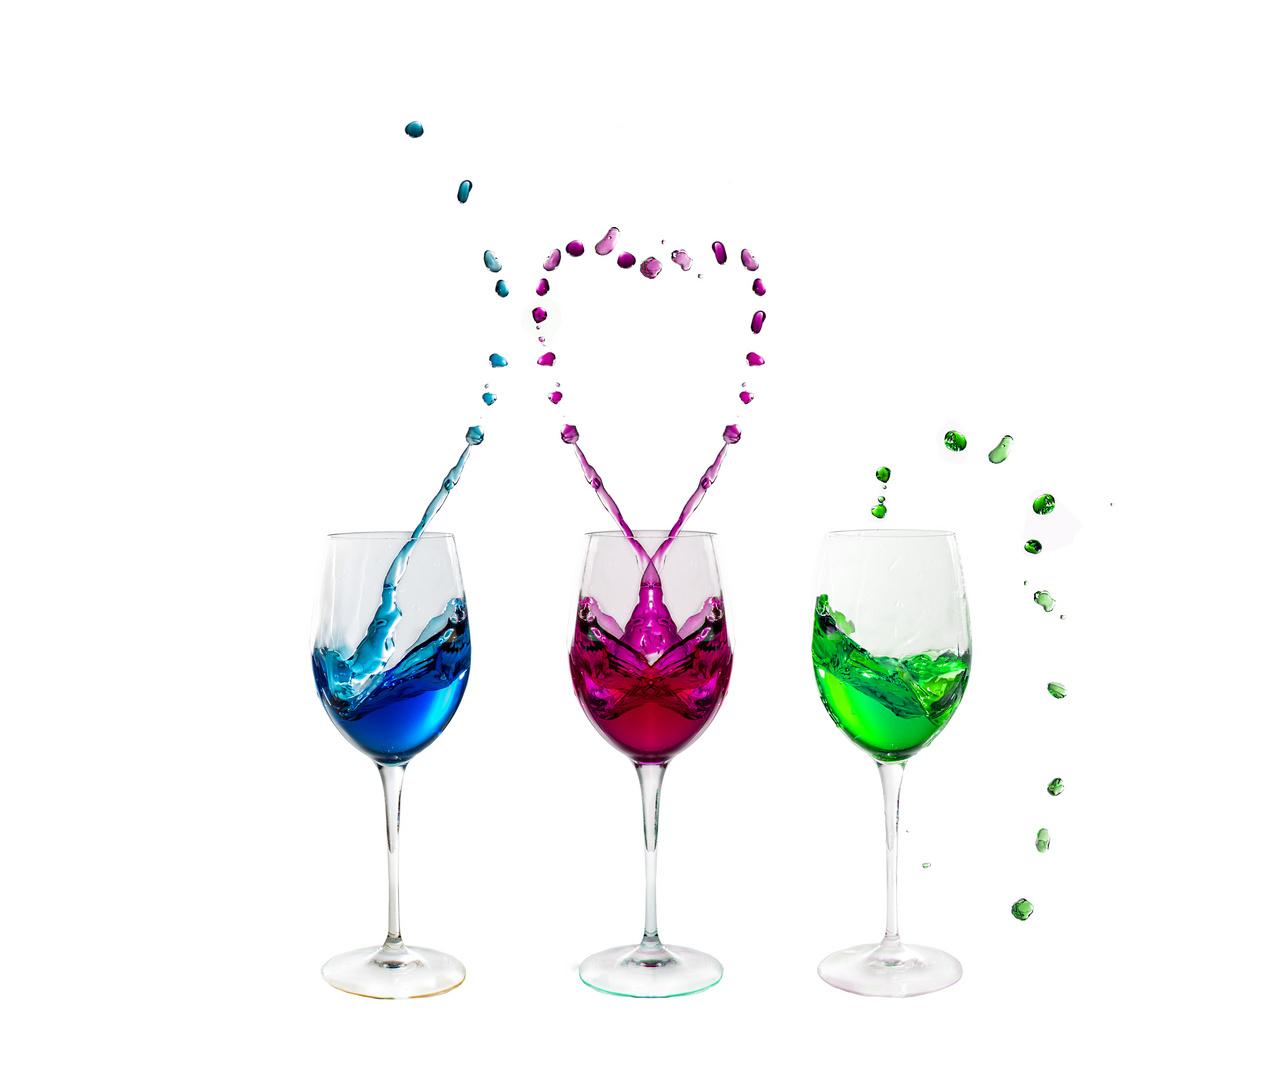 Liebe aus dem Glas...